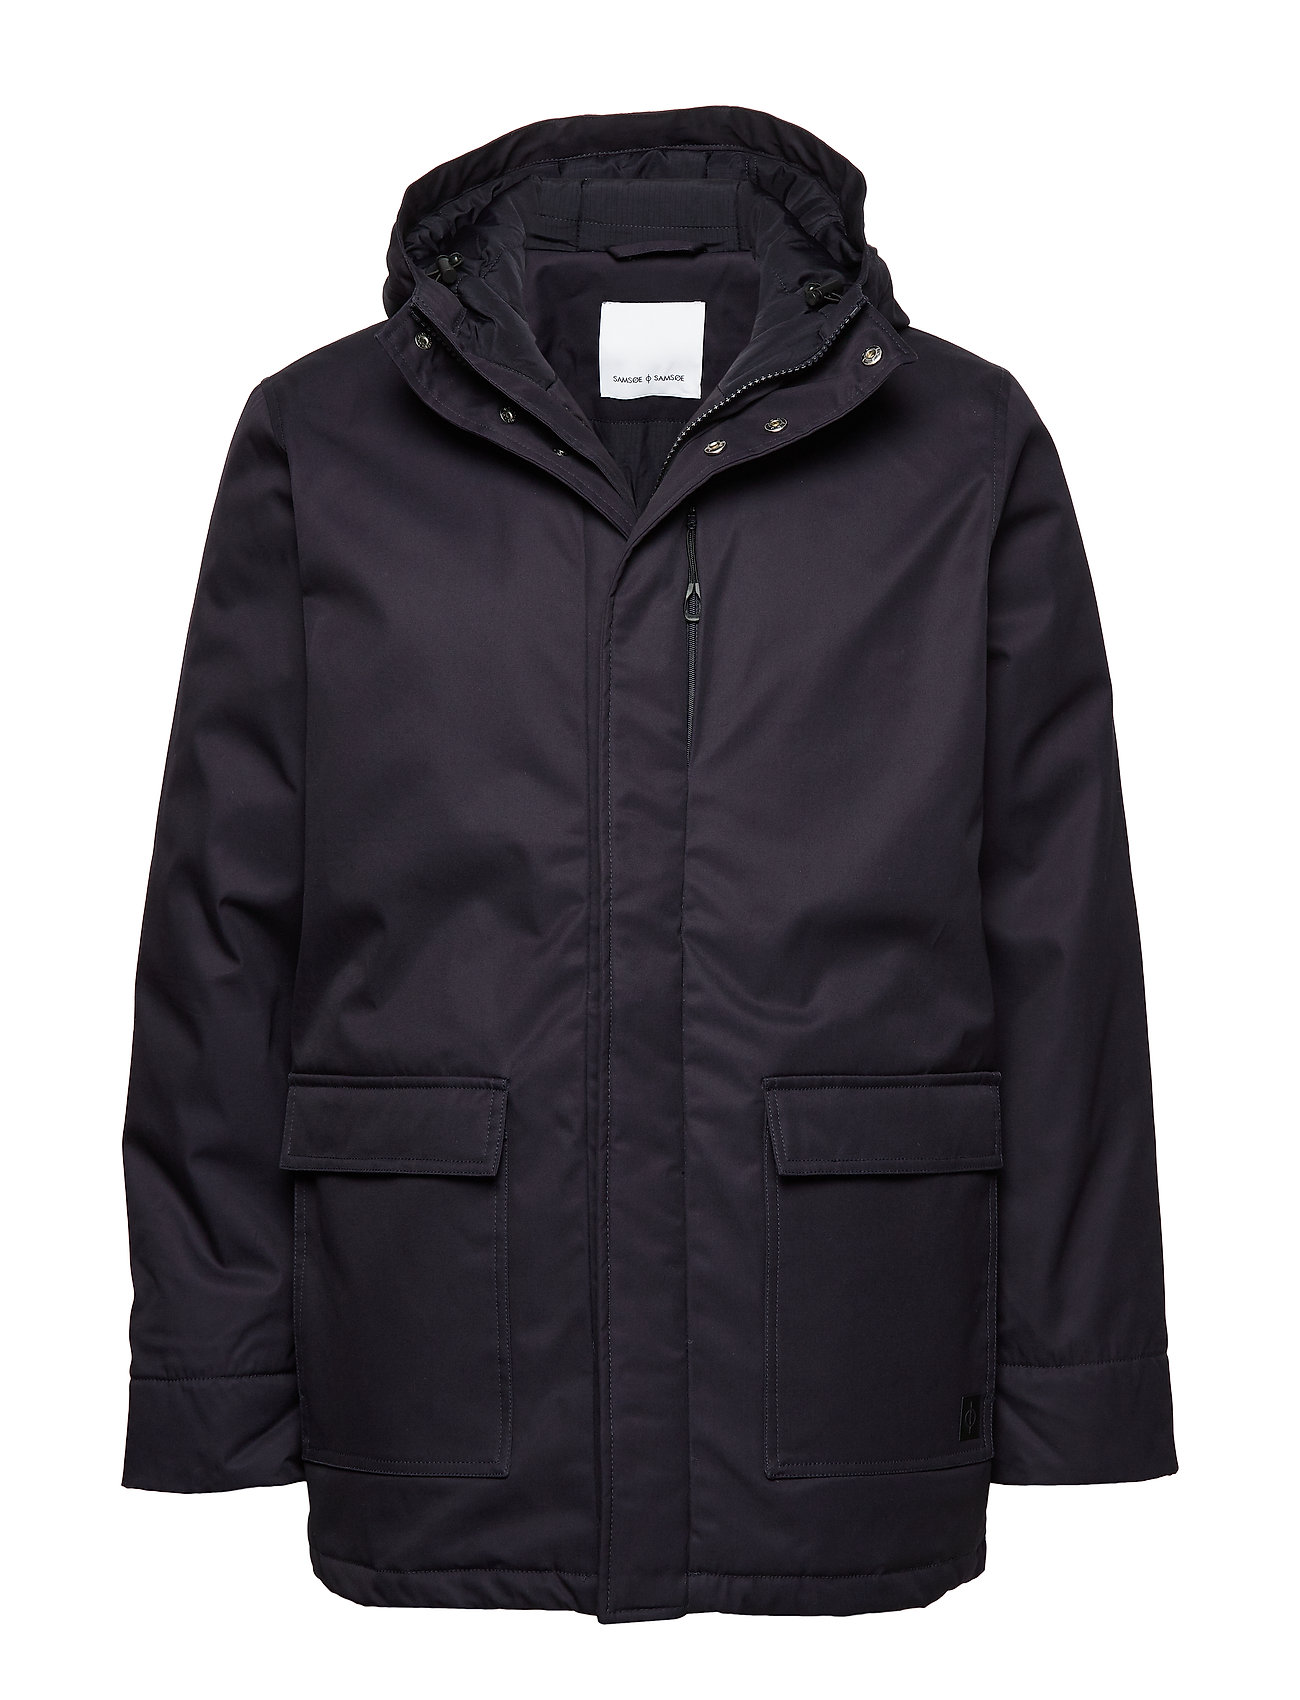 Samsøe & Samsøe Bel jacket 11183 - NIGHT SKY